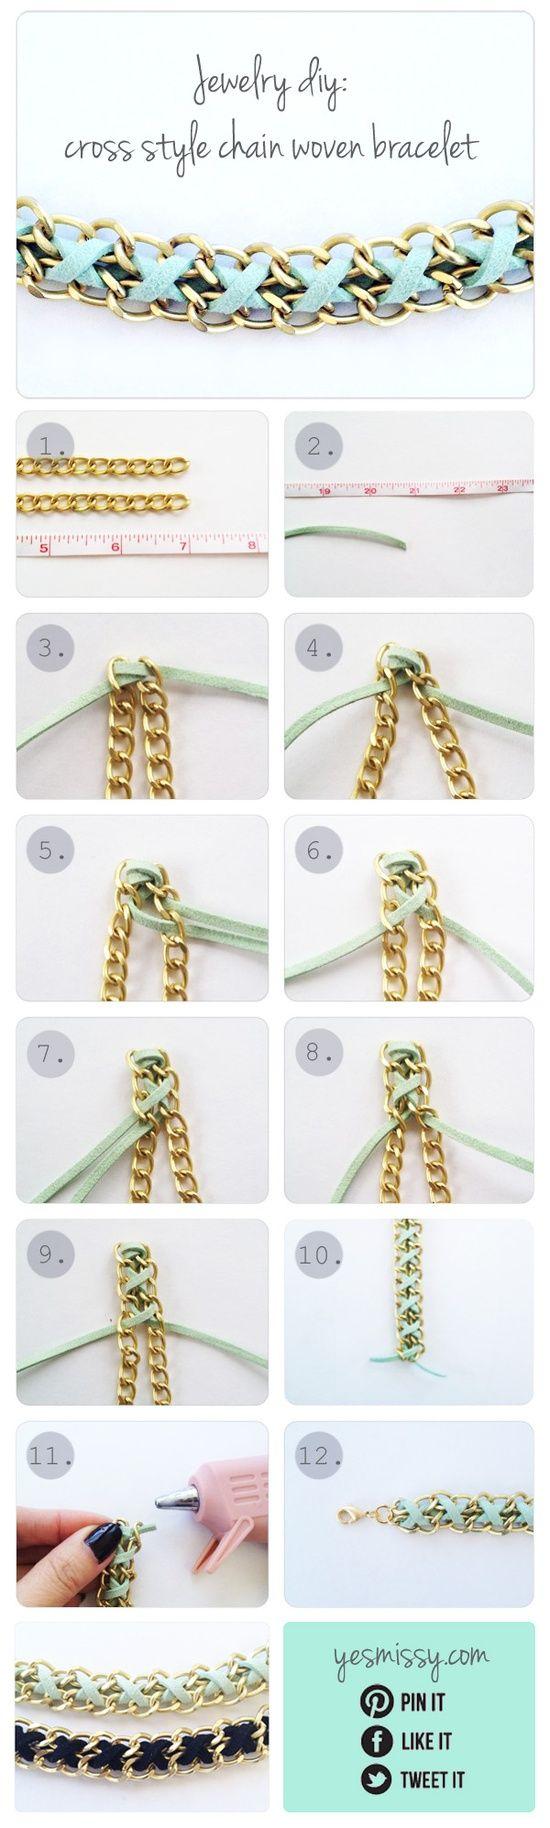 DIY Bracelet: Cross Style Chain Woven Bracelet,supply all kinds of cheap fashion bracelets,vintage bracelets at www.cost21.com